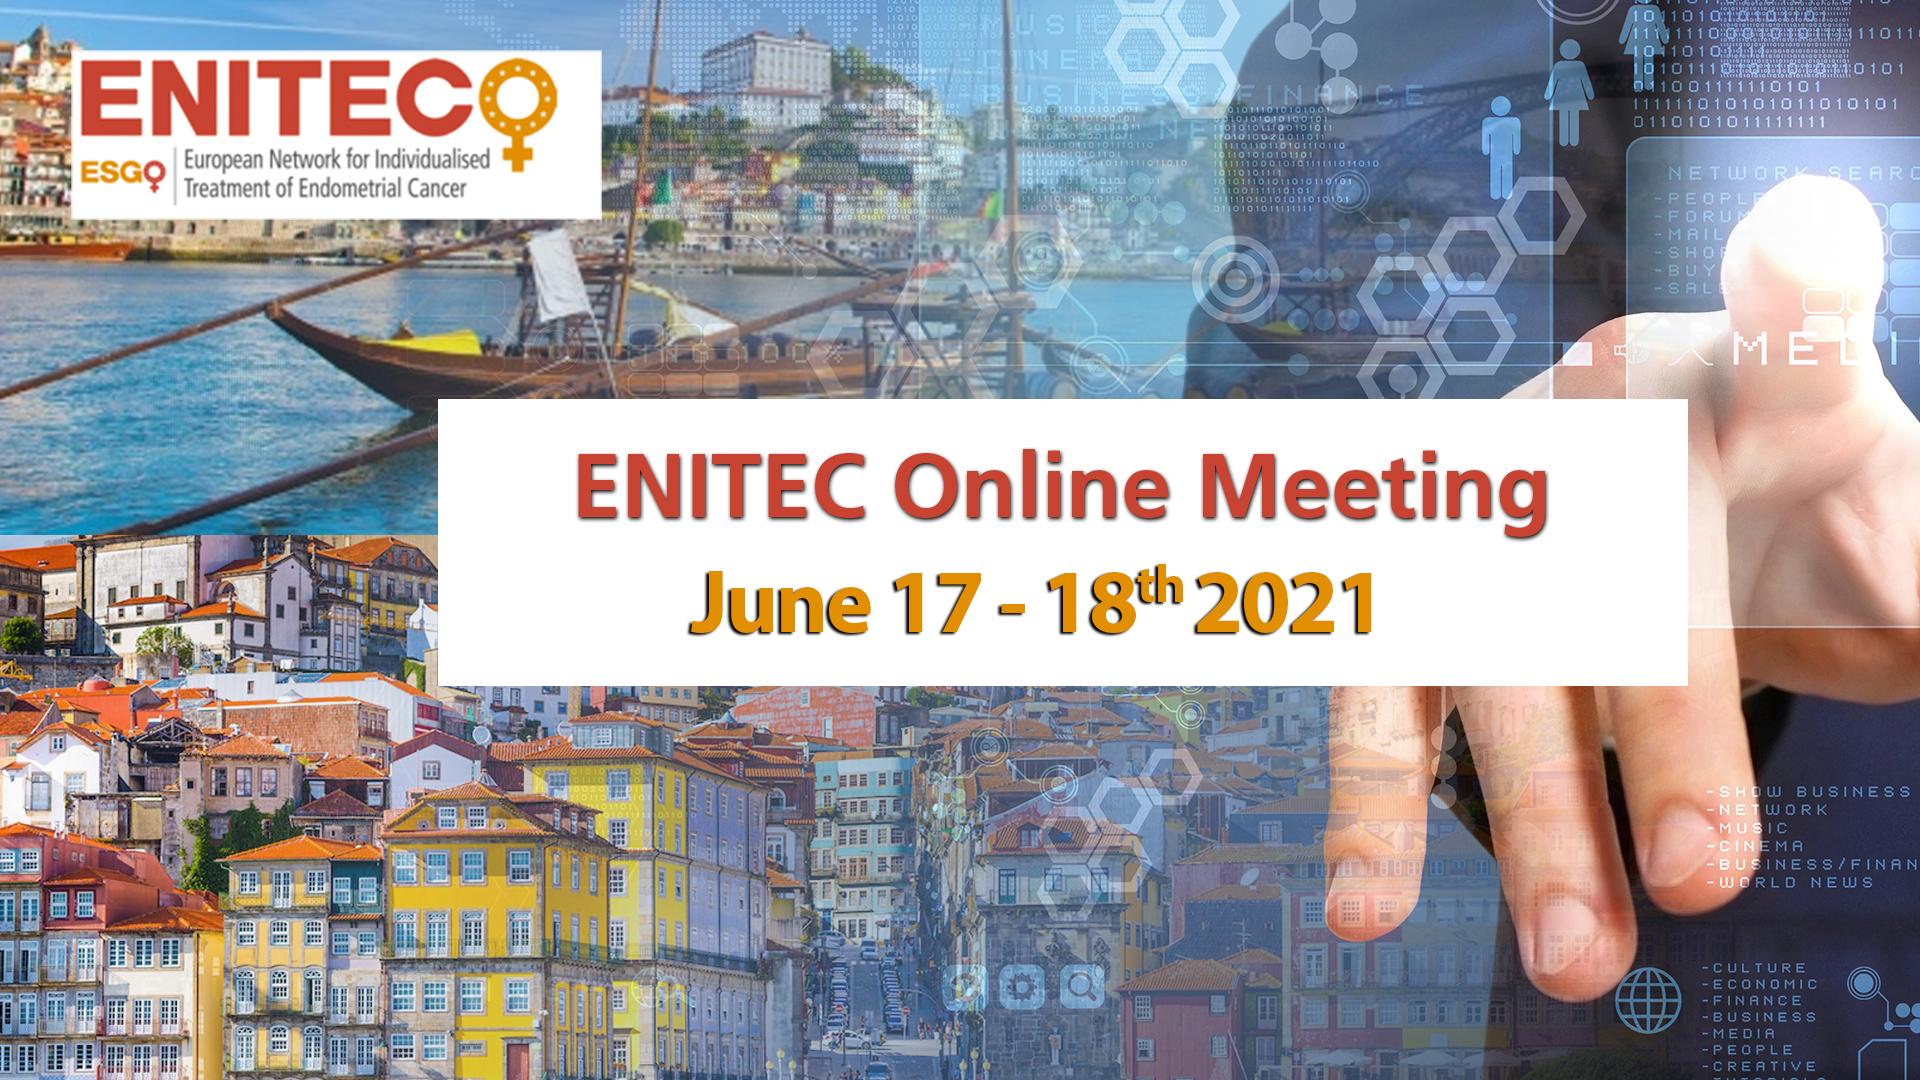 ENITEC_online_meeting_new_date